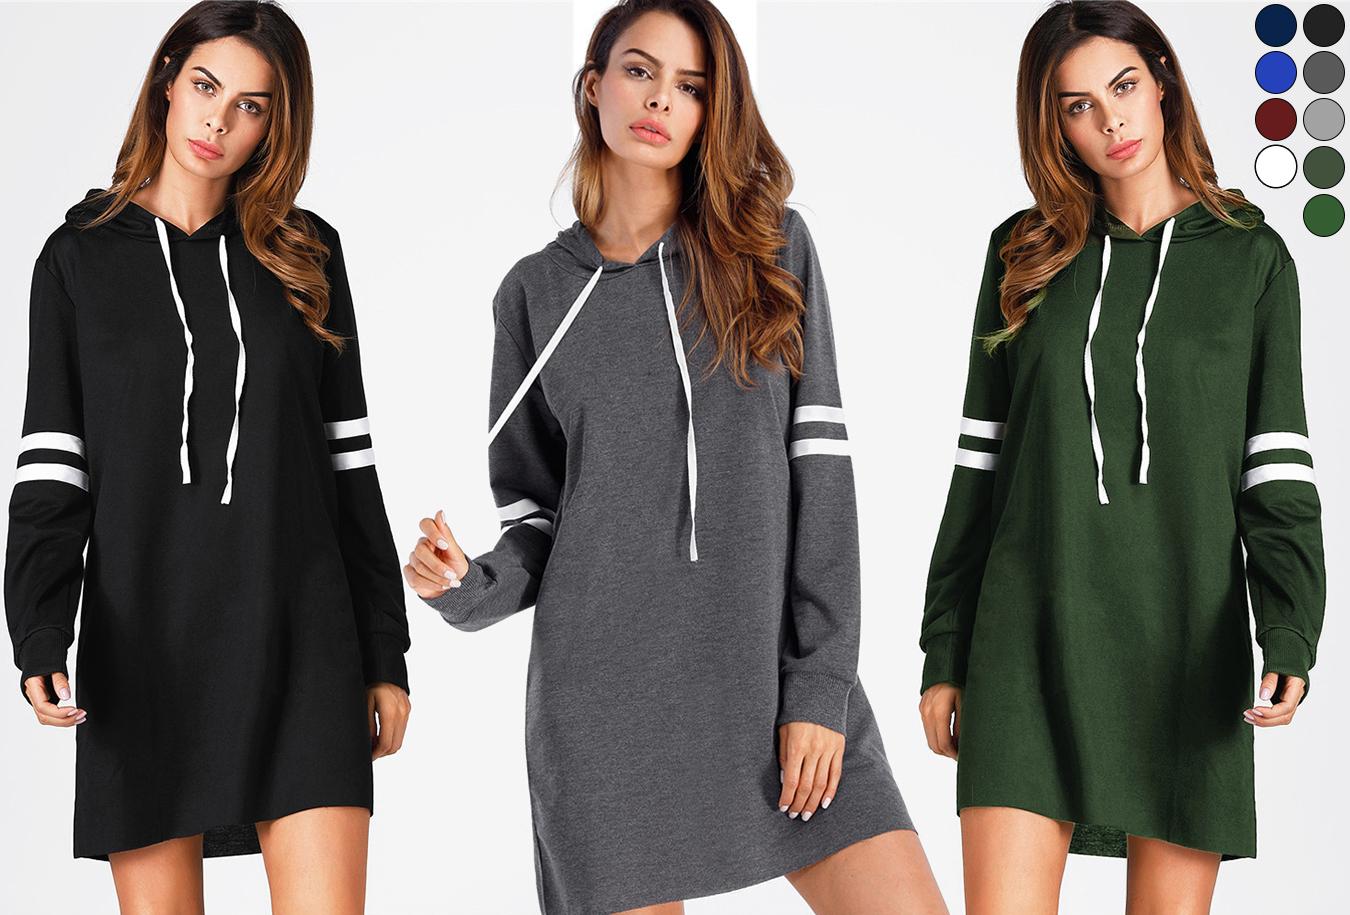 Hoodie | Comfortabele dames sweater jurk <br/>EUR 15.99 <br/> <a href='https://tc.tradetracker.net/?c=24550&m=1018105&a=230468&u=https%3A%2F%2Fwww.vouchervandaag.nl%2Fhoodie-dames-sweater-jurk-aanbieding' target='_blank'>bekijk product</a>